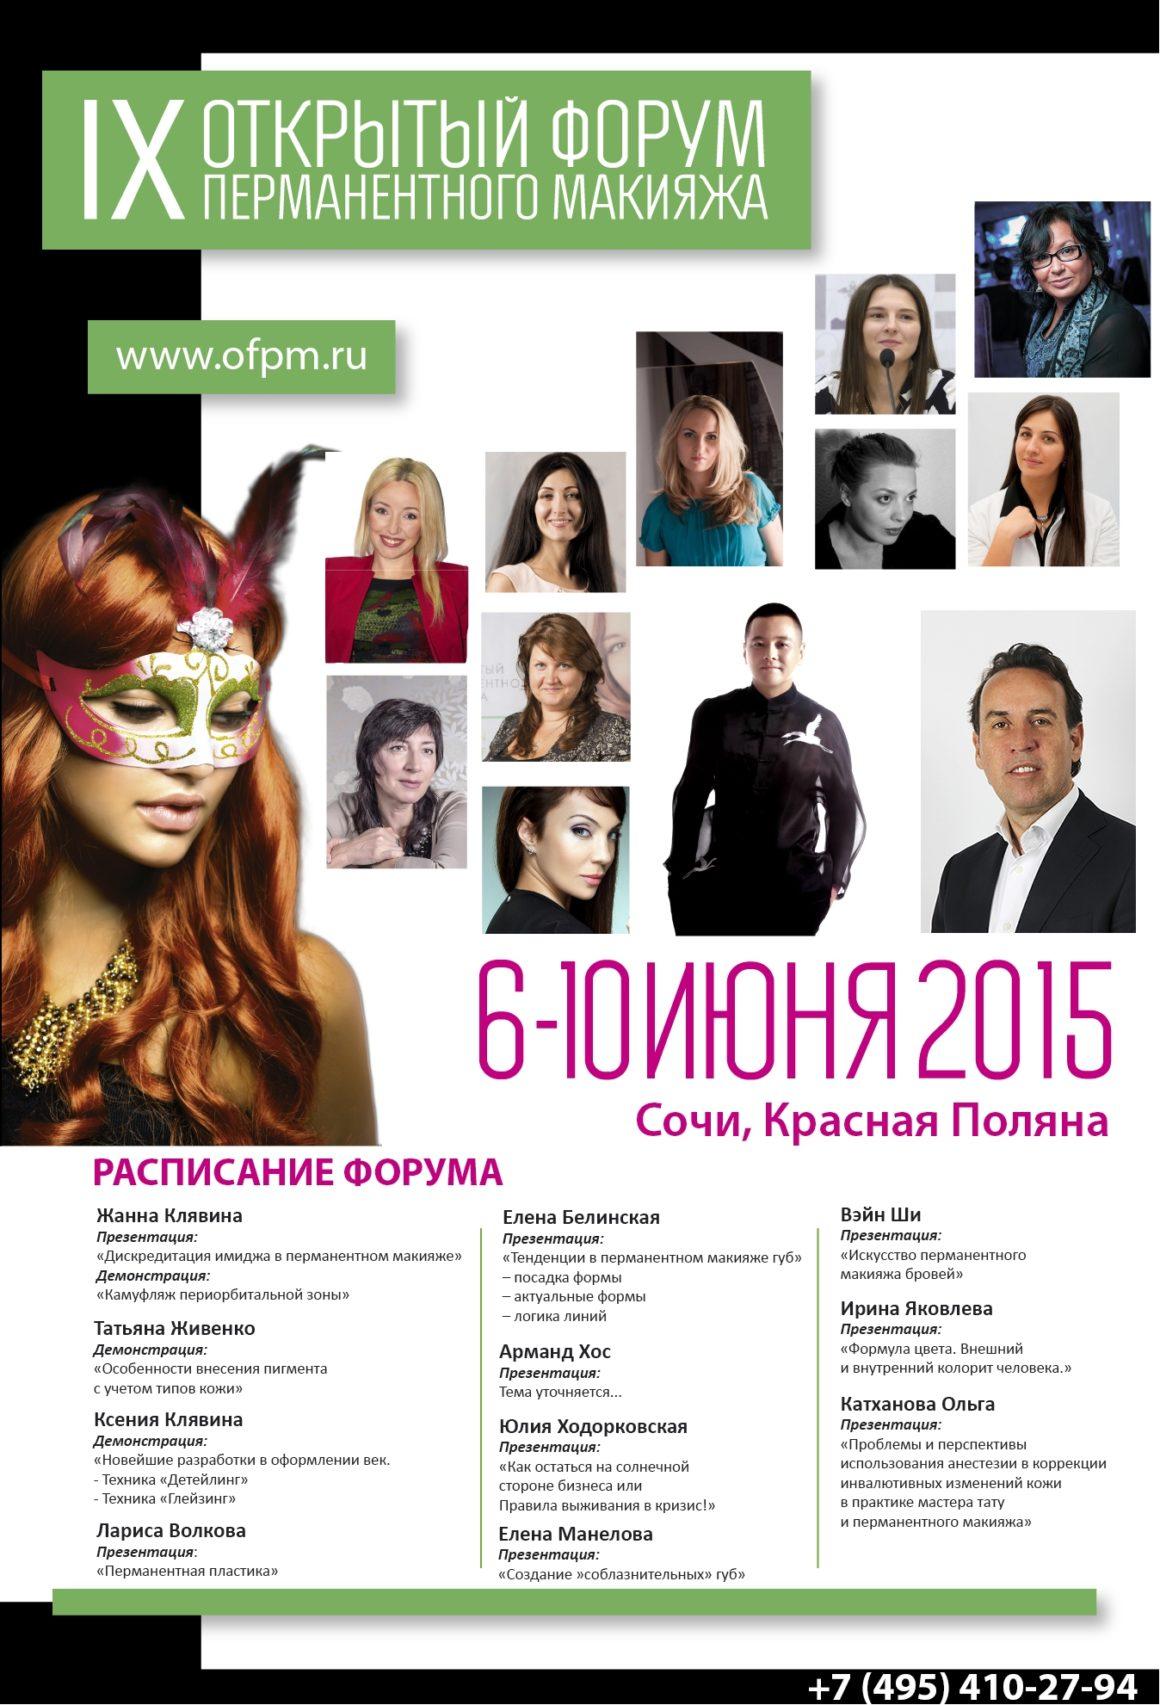 ПРИГЛАШЕНИЕ на IX Открытый Форум перманентного макияжа на Красной Поляне, Сочи